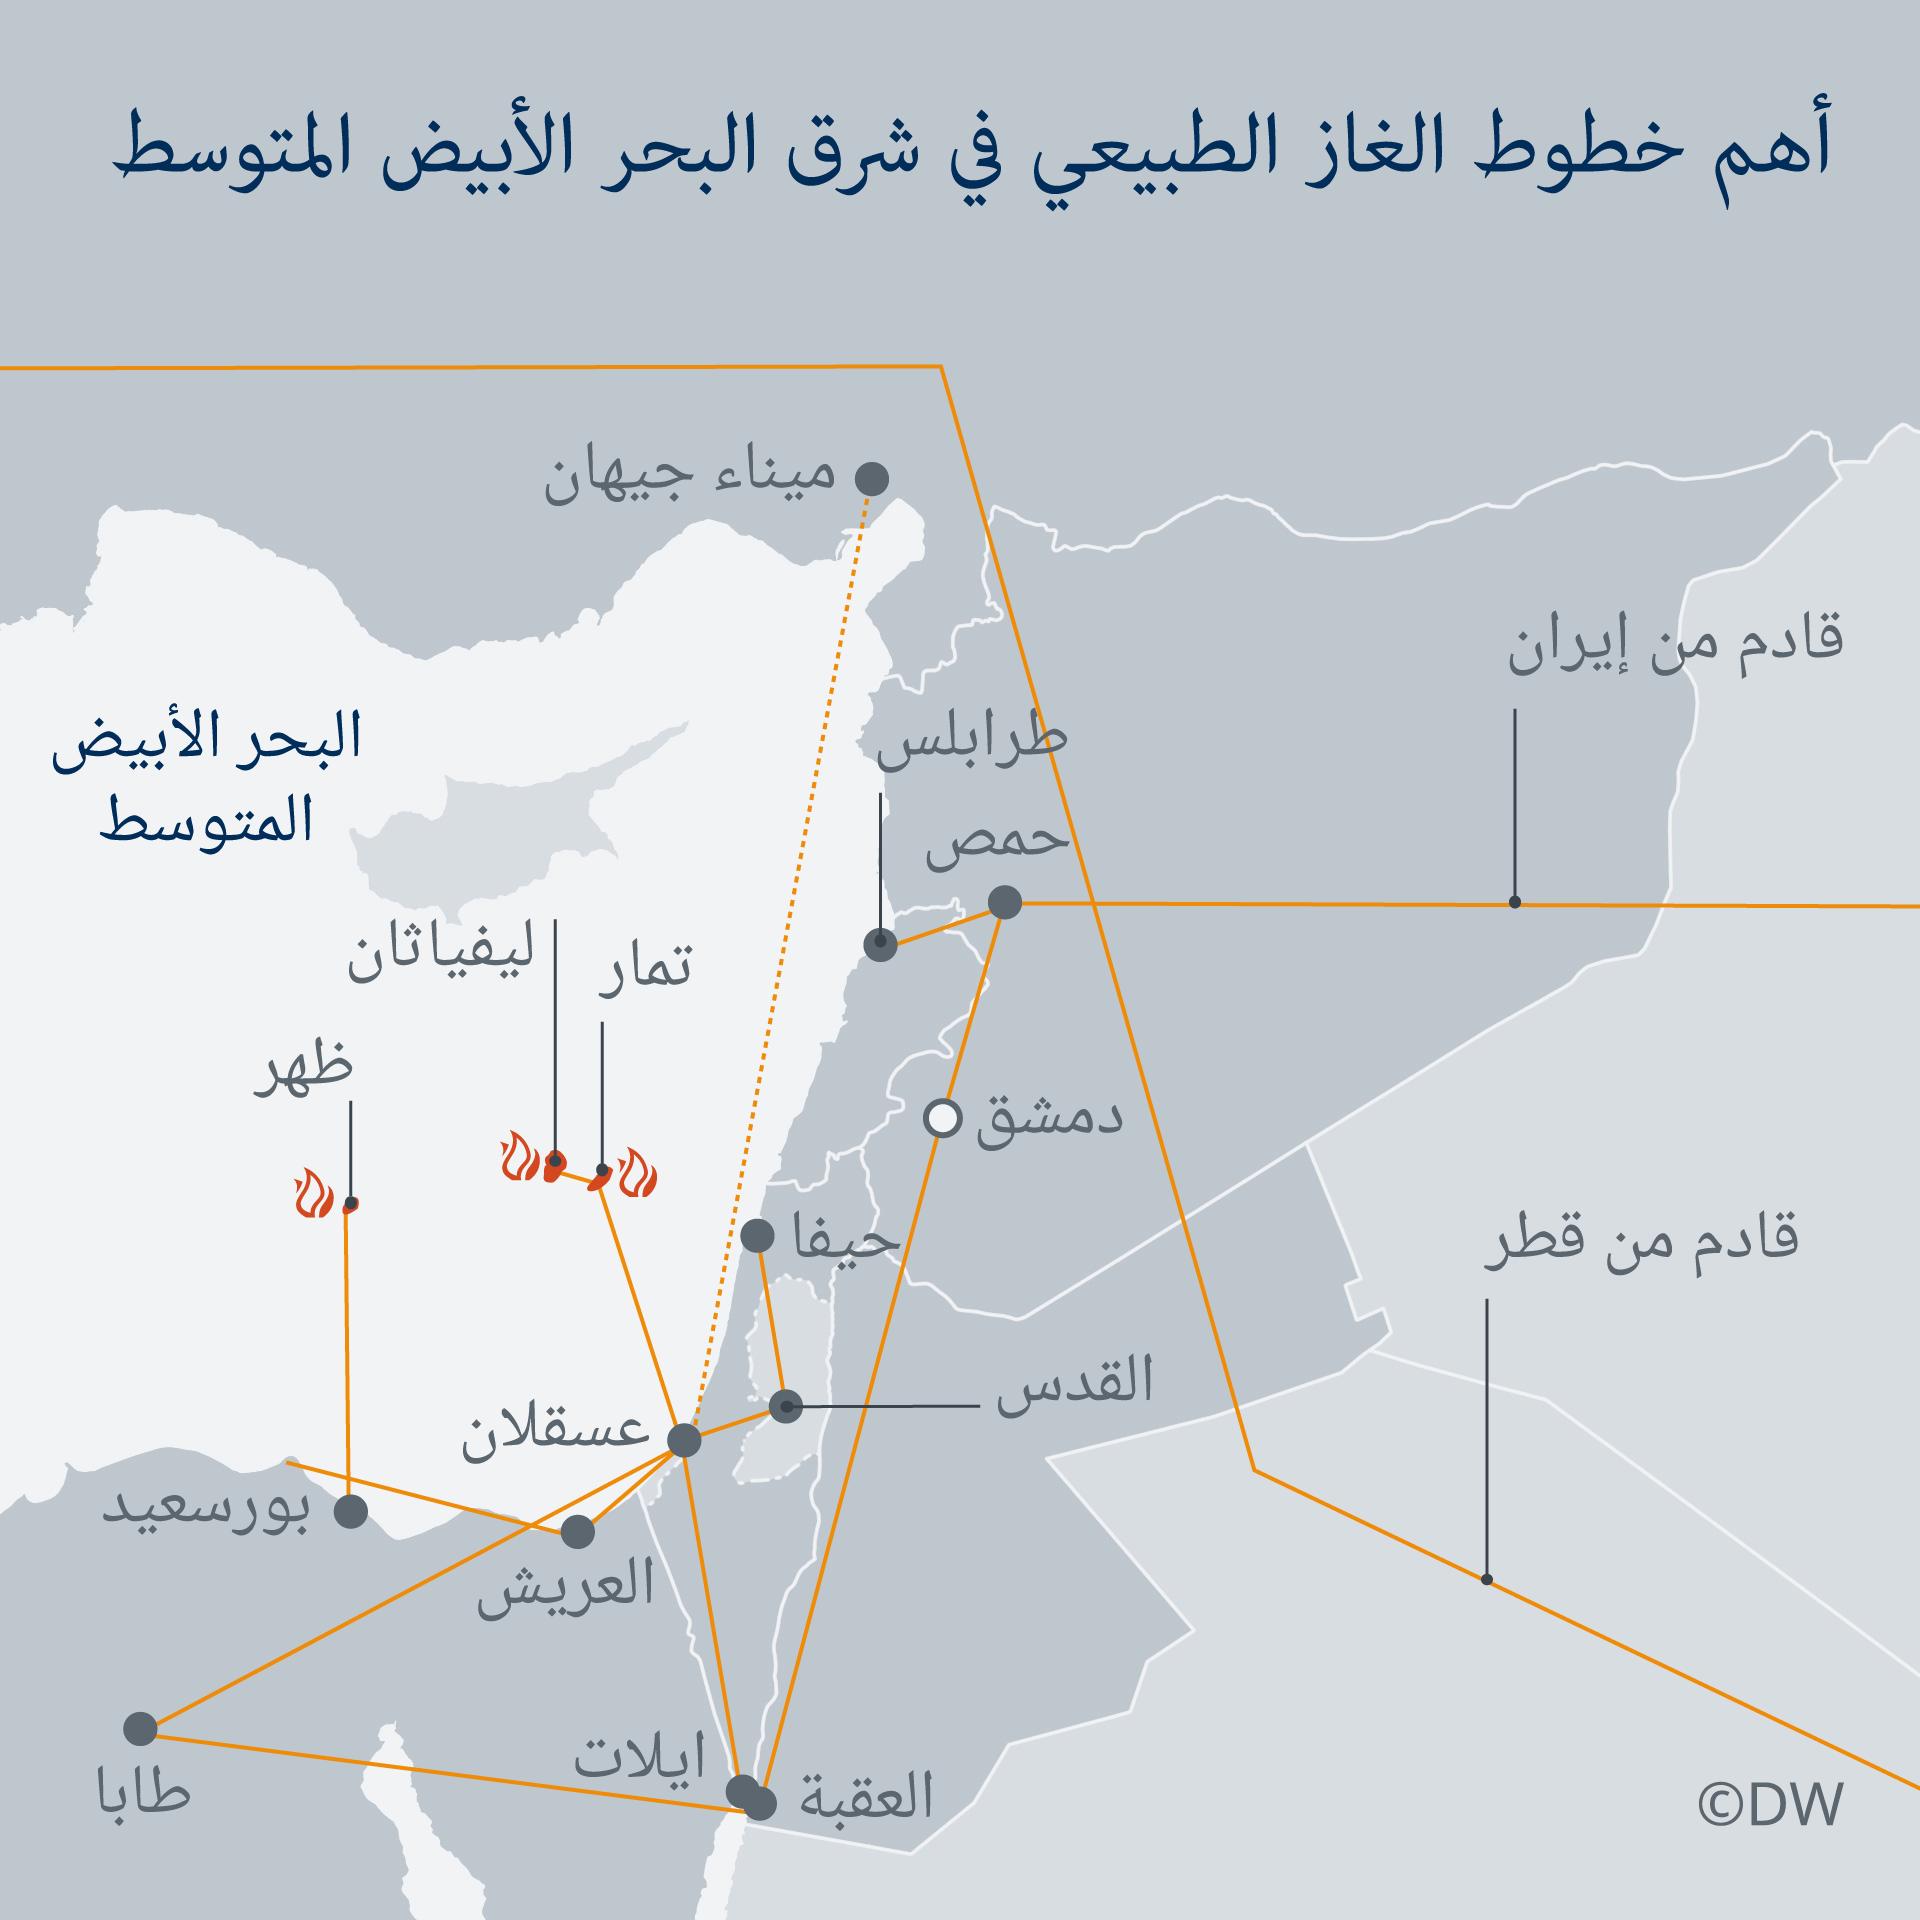 أهم خطوط الغاز الطبيعي في شرق المتوسط